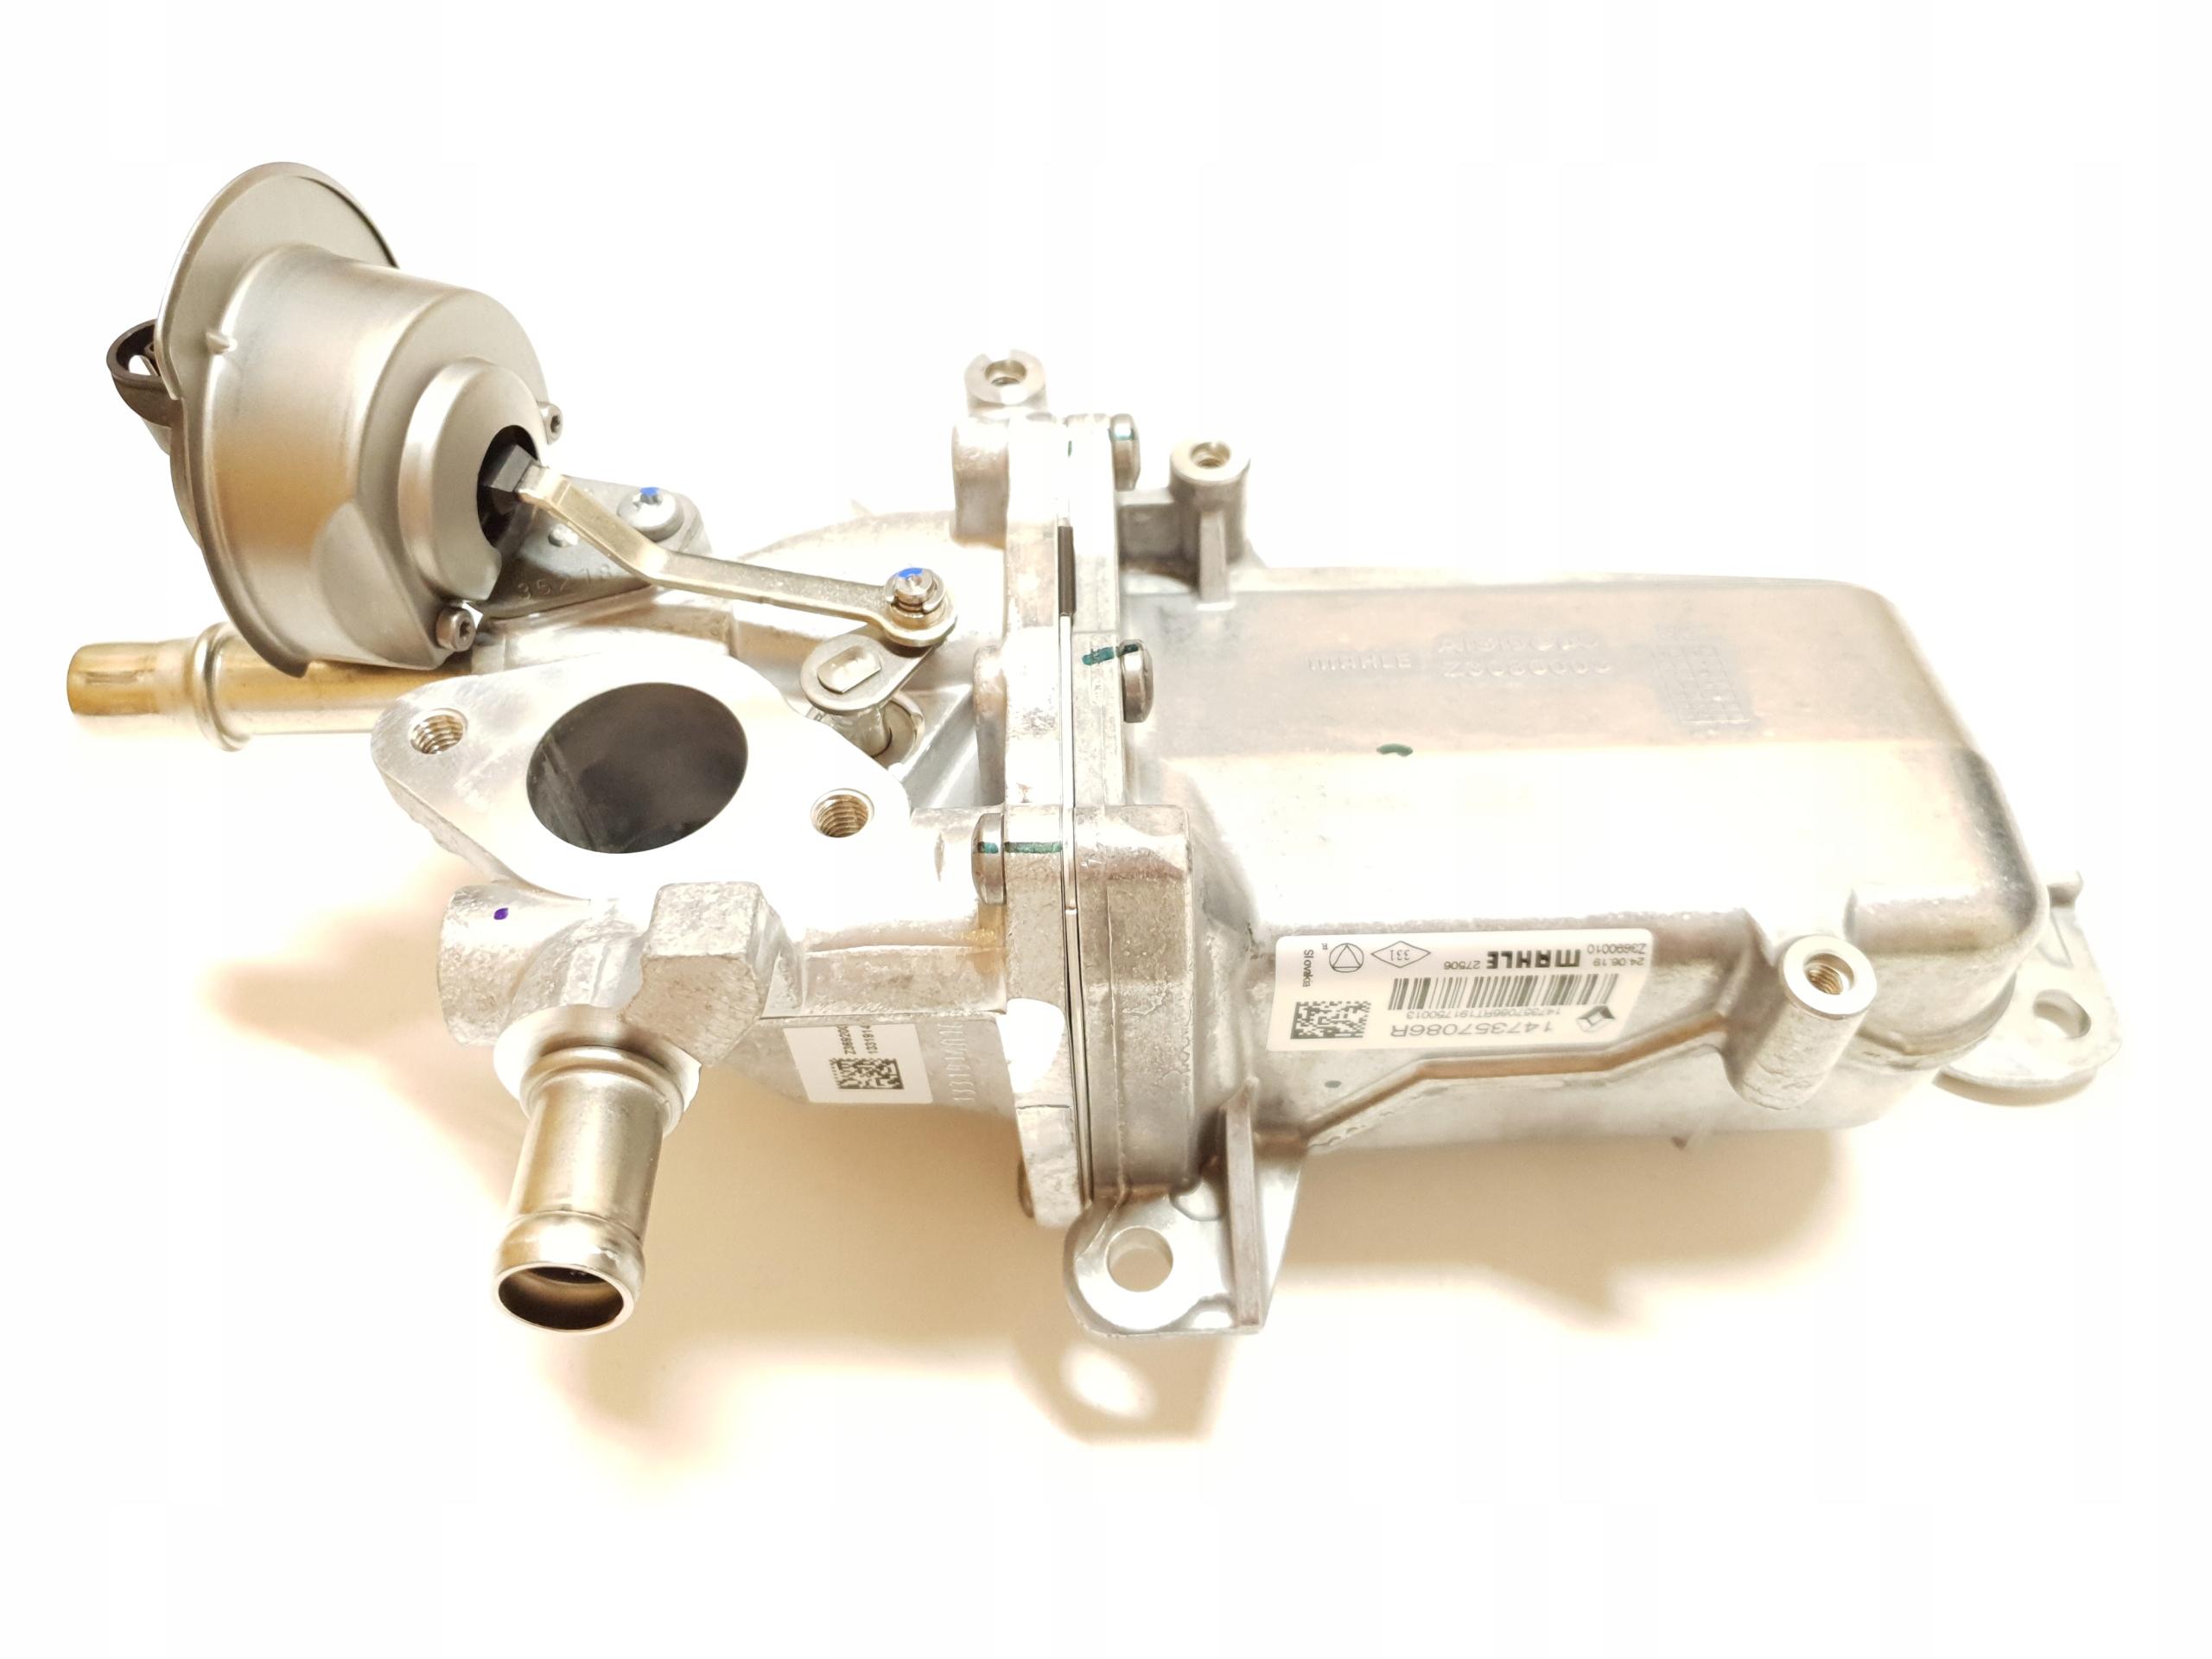 радиатор выхлопных газов системы рециркуляции ог попасть iii vivaro b 16 dci